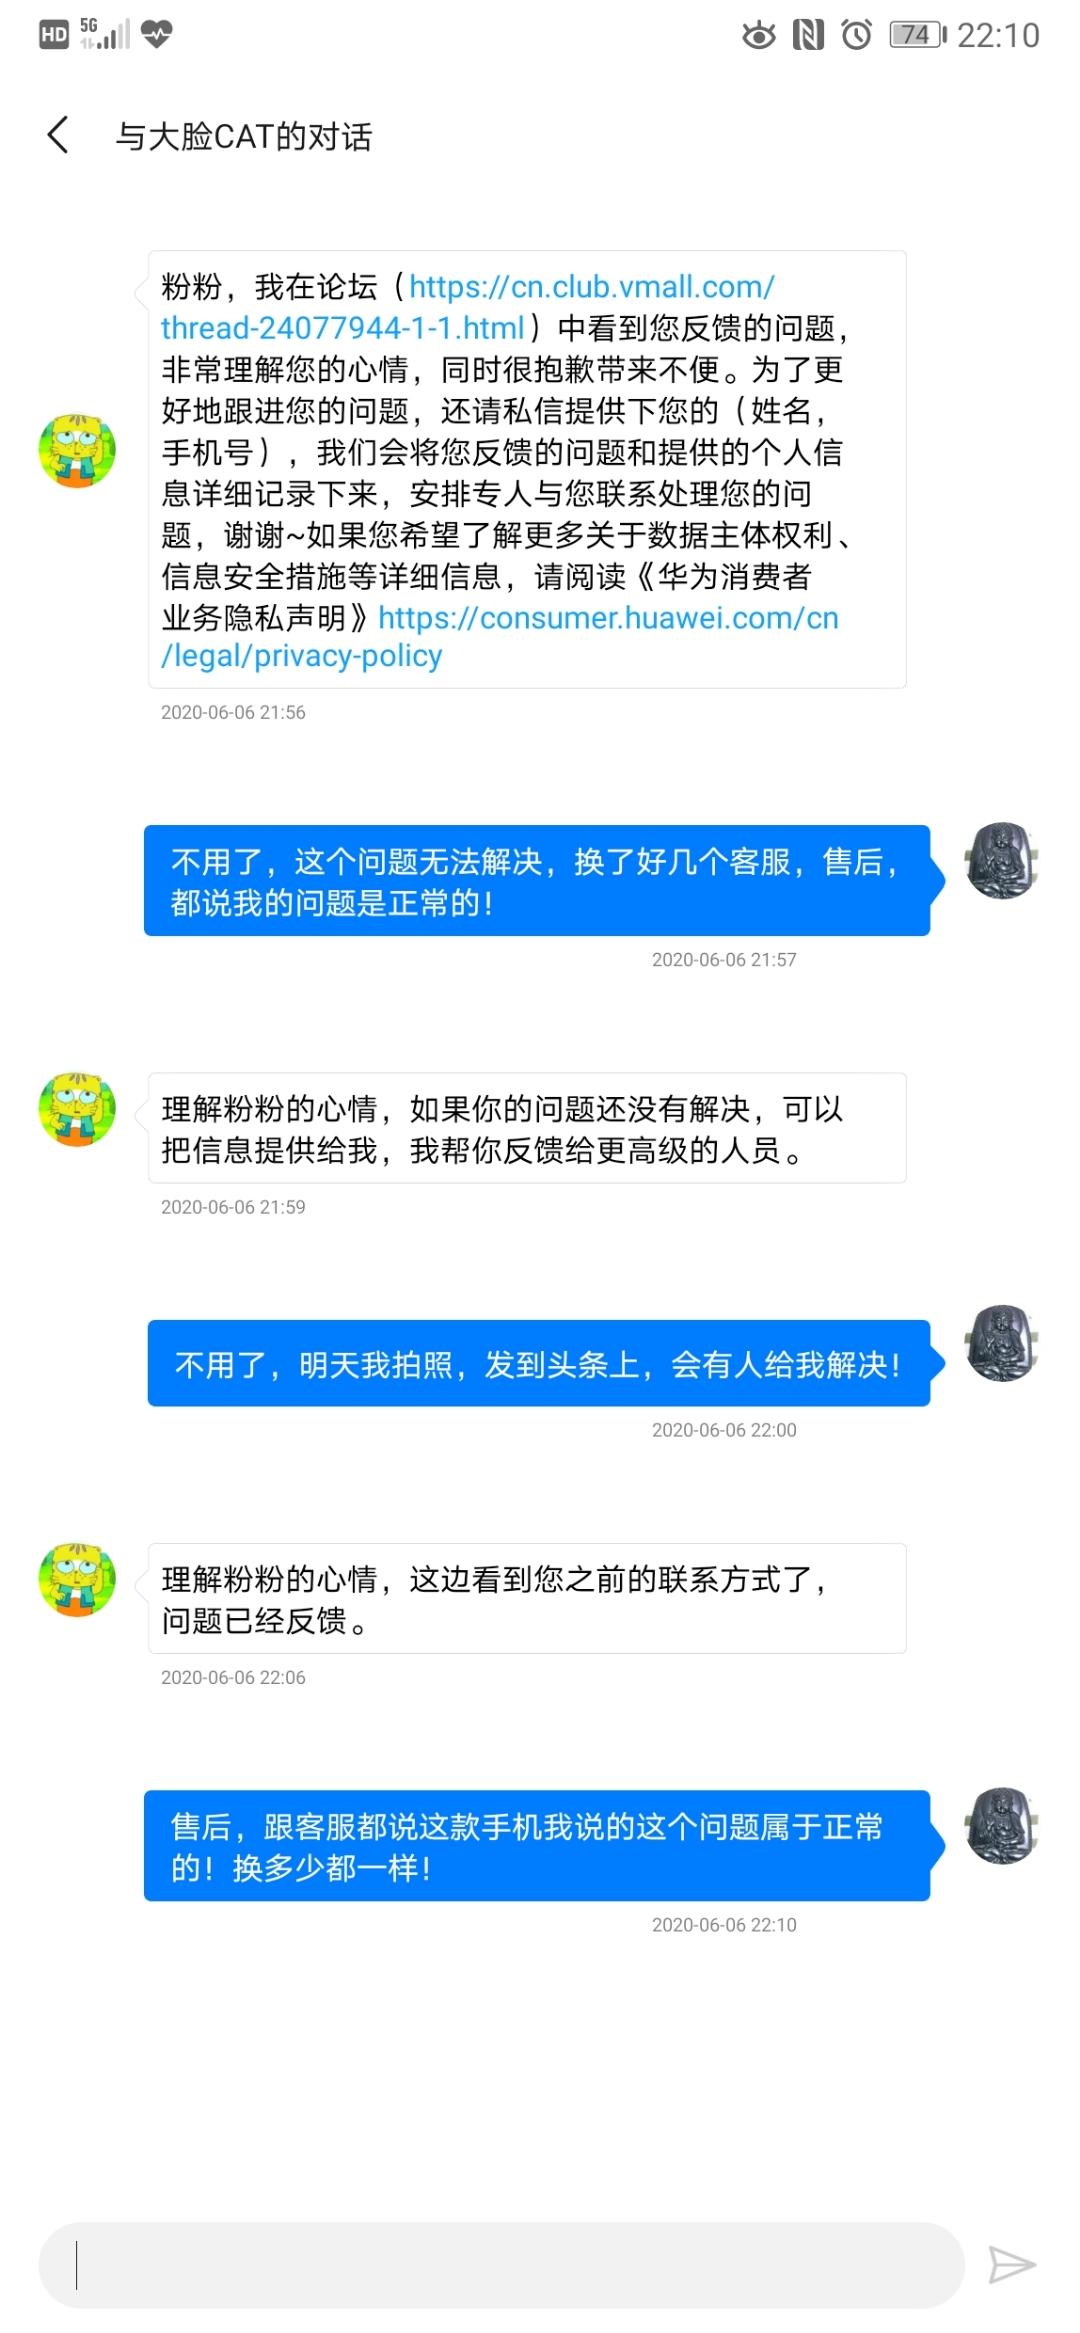 Screenshot_20200606_221047_com.huawei.fans.jpg